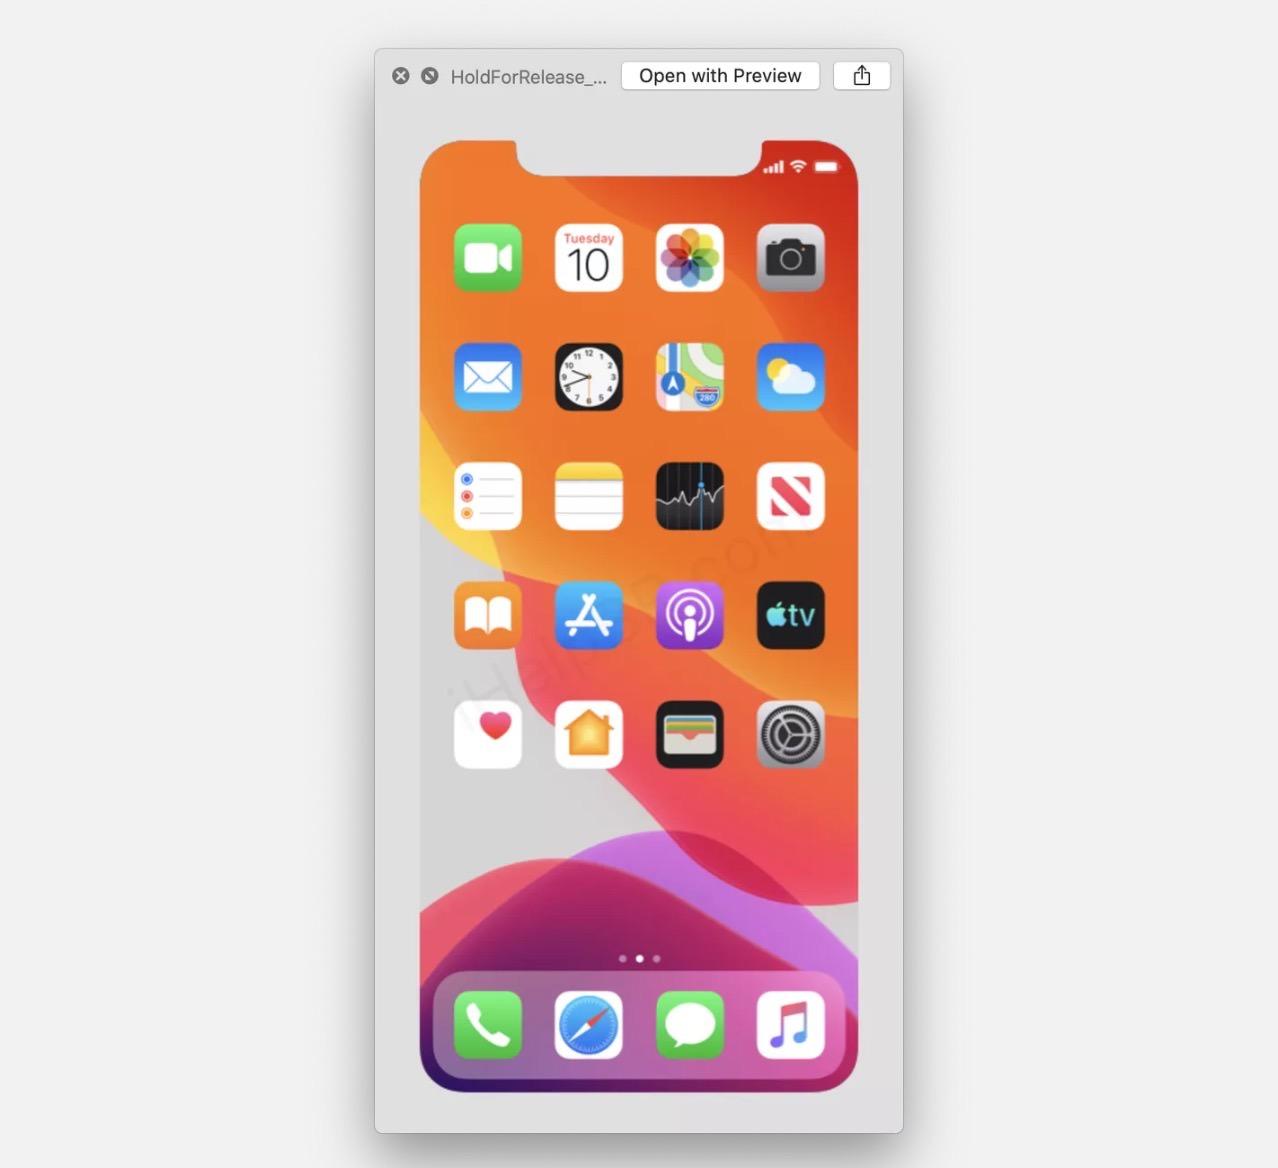 次期iPhoneの発表イベントは2019年9月10日か?